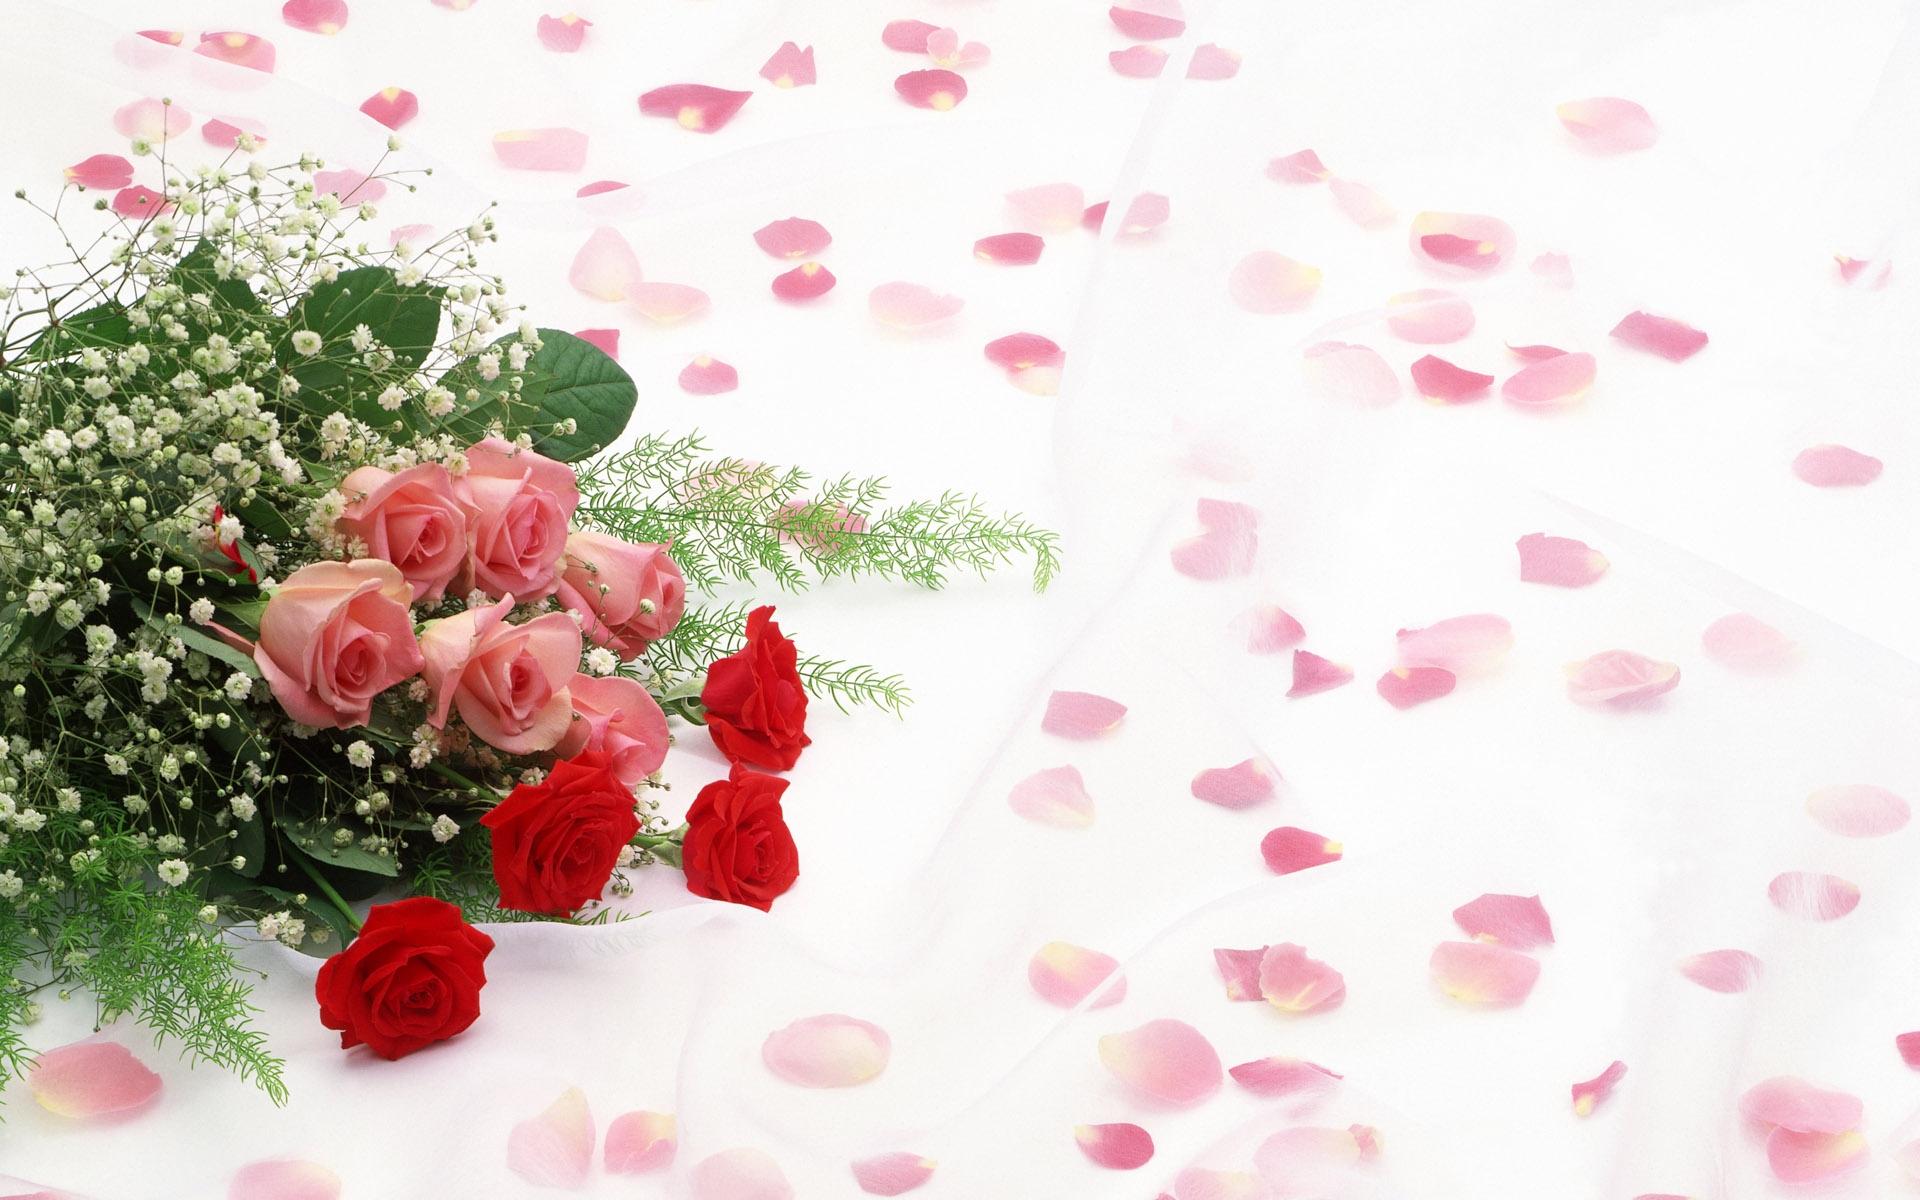 35829 скачать обои Растения, Цветы, Розы, Букеты - заставки и картинки бесплатно